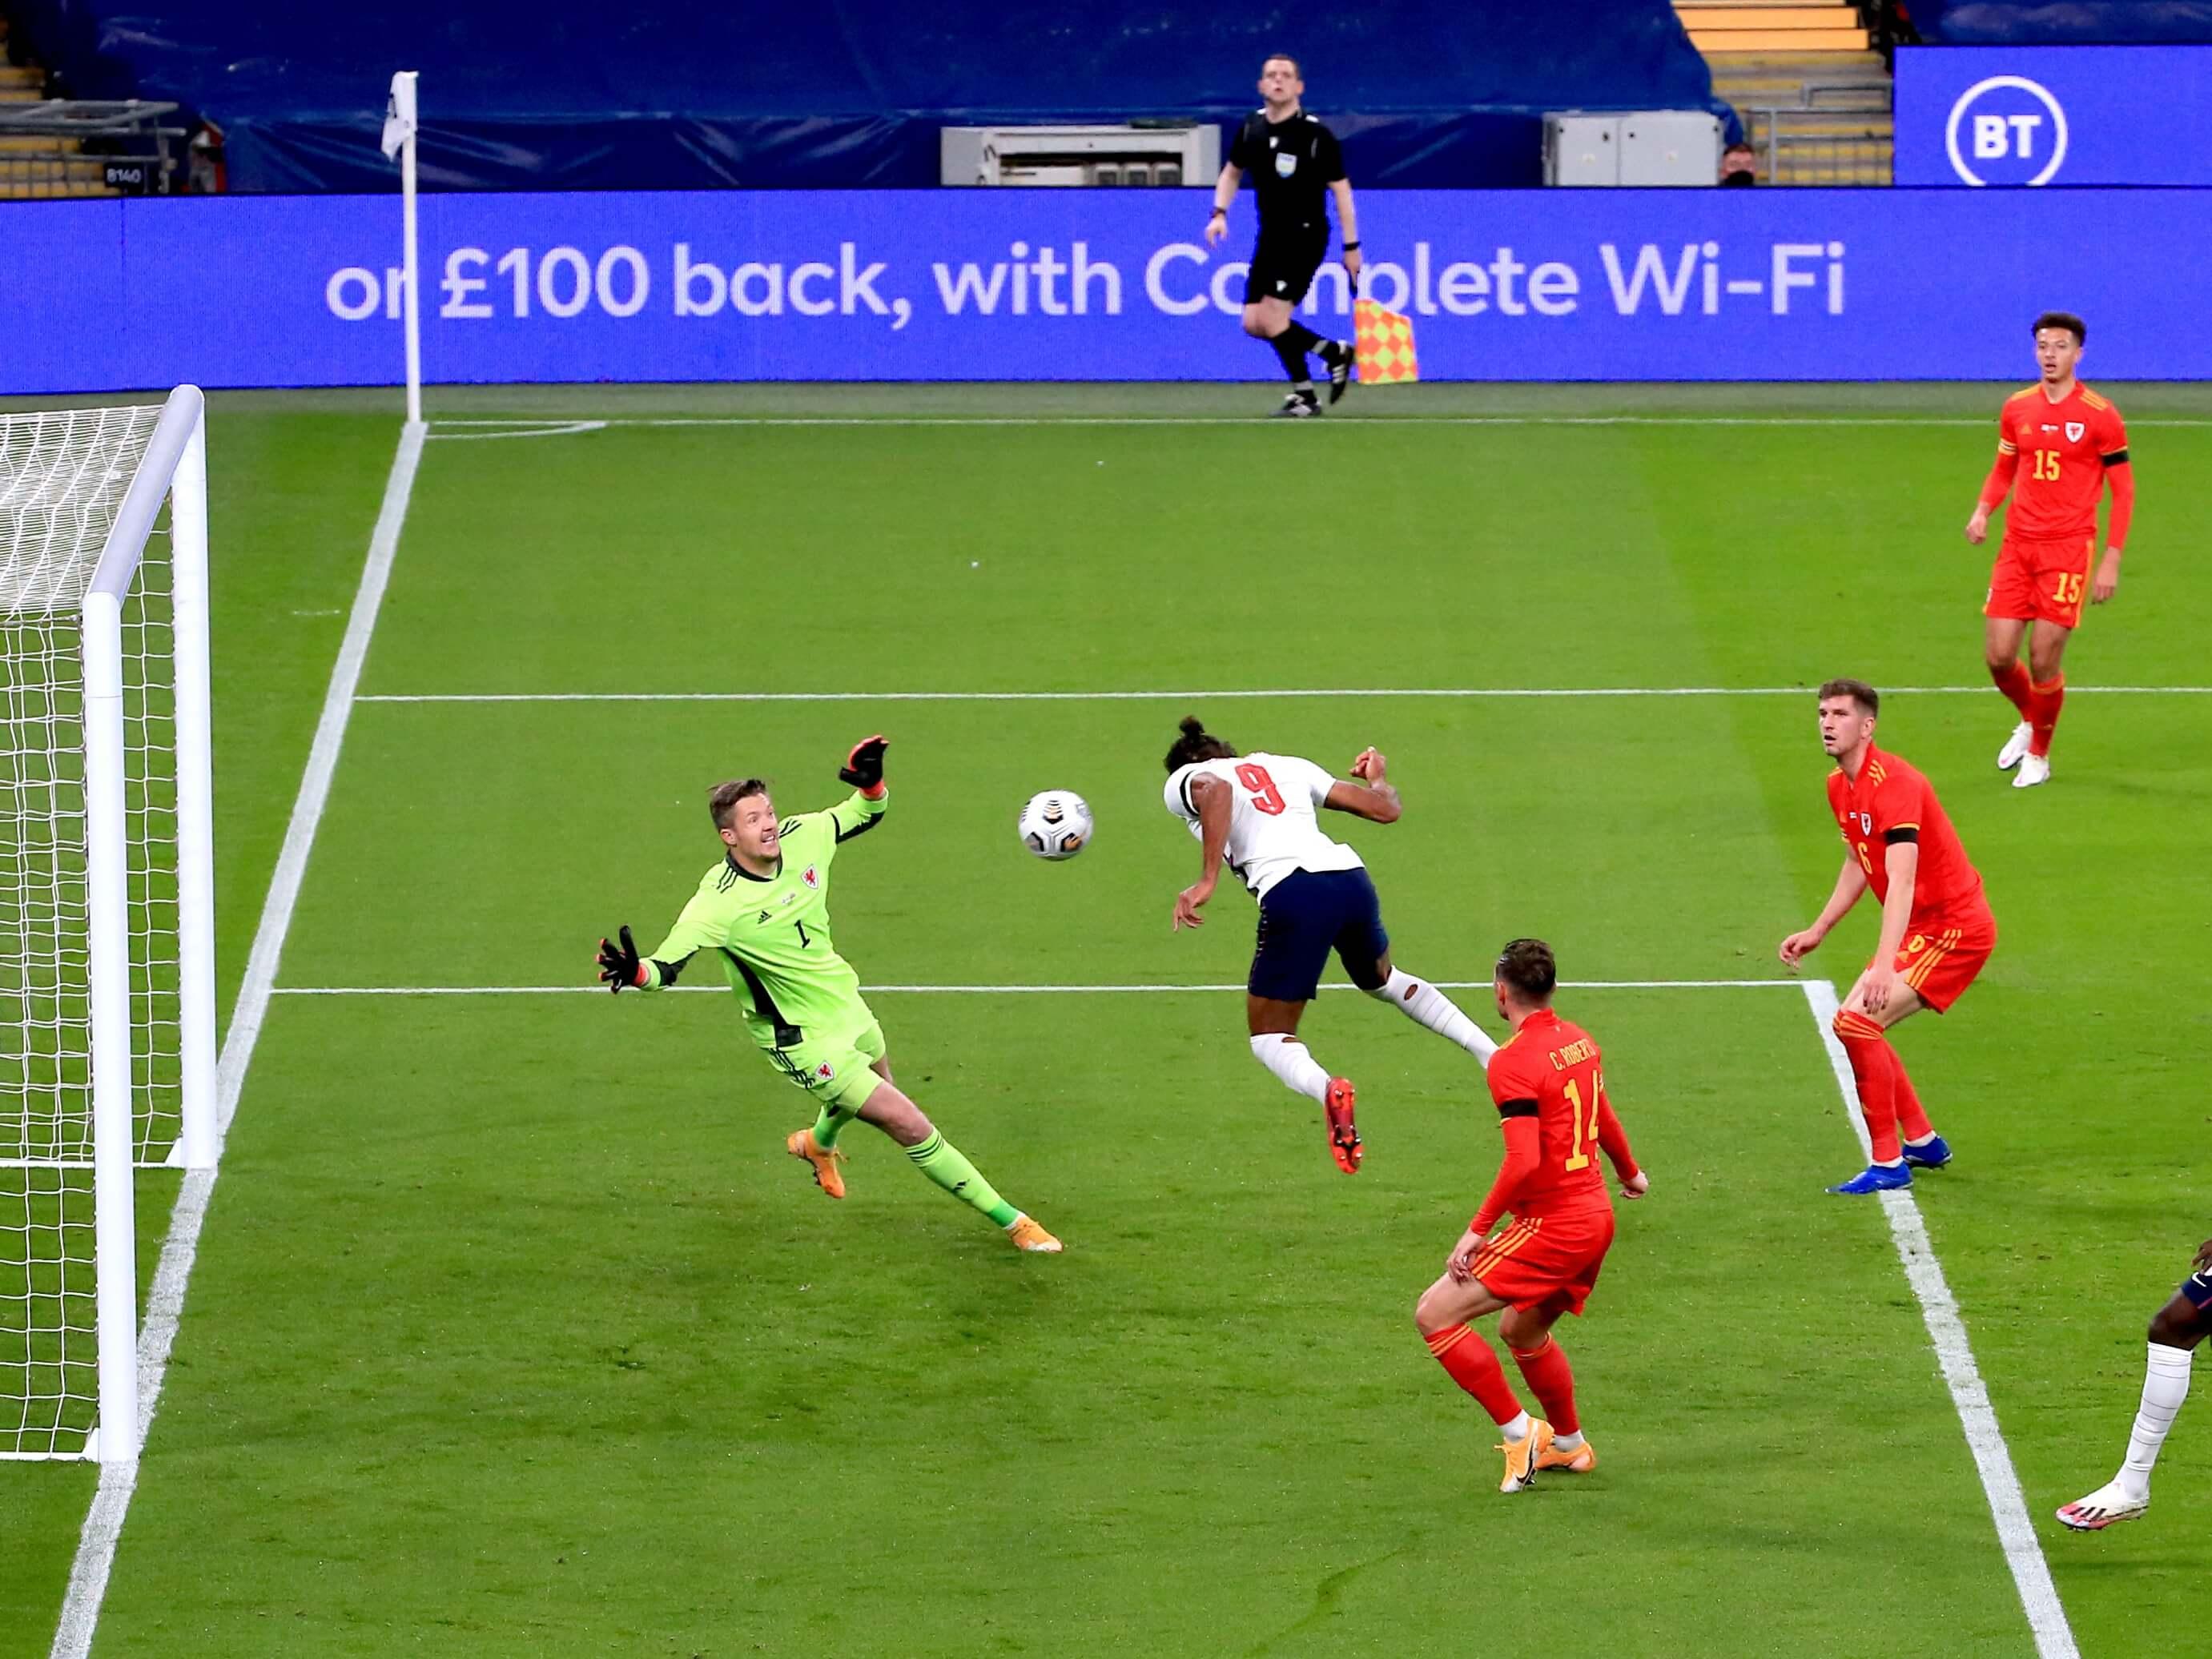 Dominic Calvert-Lewin scores for England